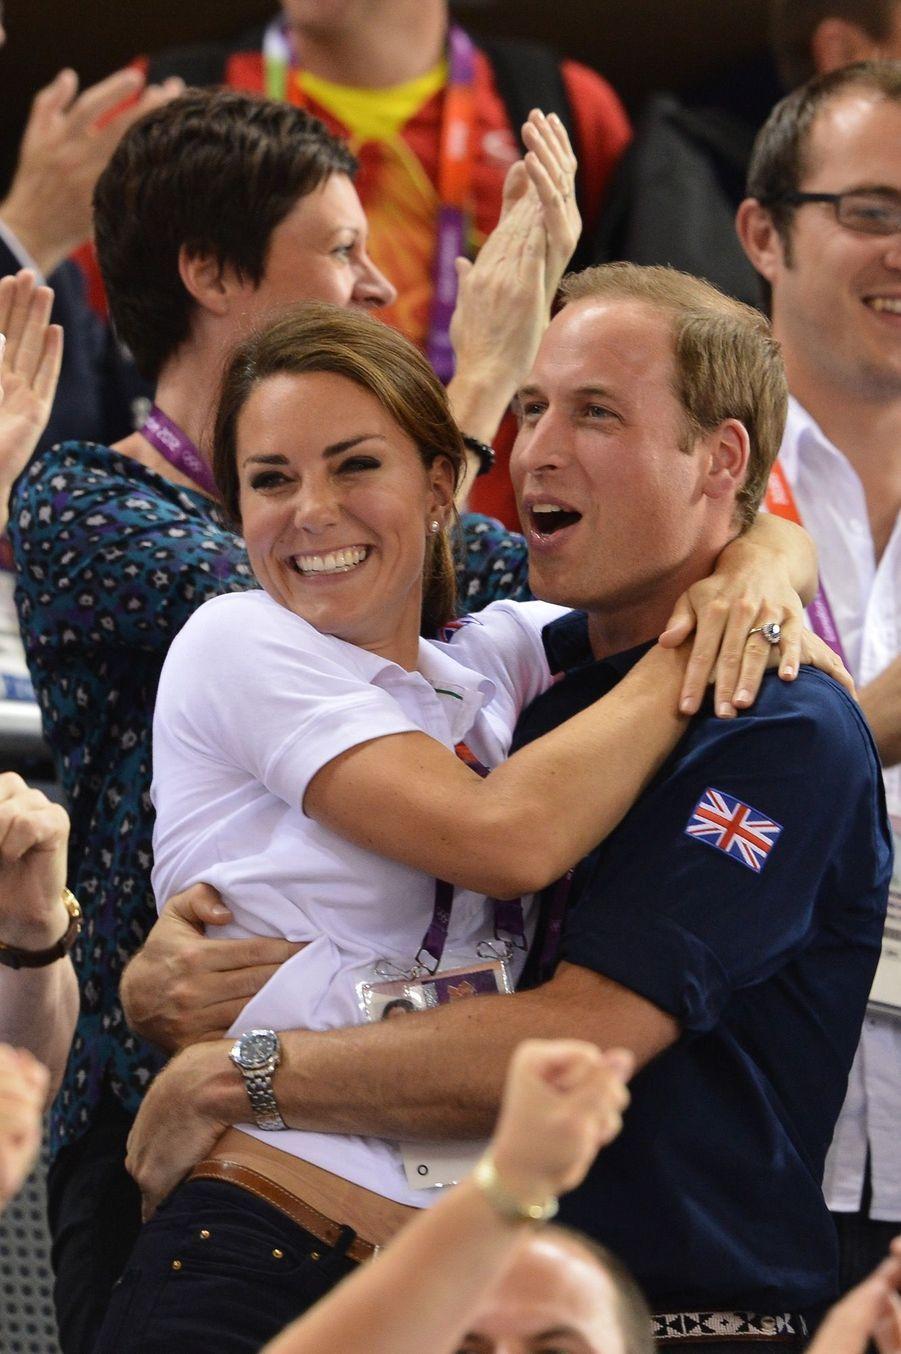 Si Kate et William se permettent une telle proximité en public, c'est pour célébrer une victoire anglaise en cyclisme aux Jeux Olympiques de Londres, le 2 aout 2012.